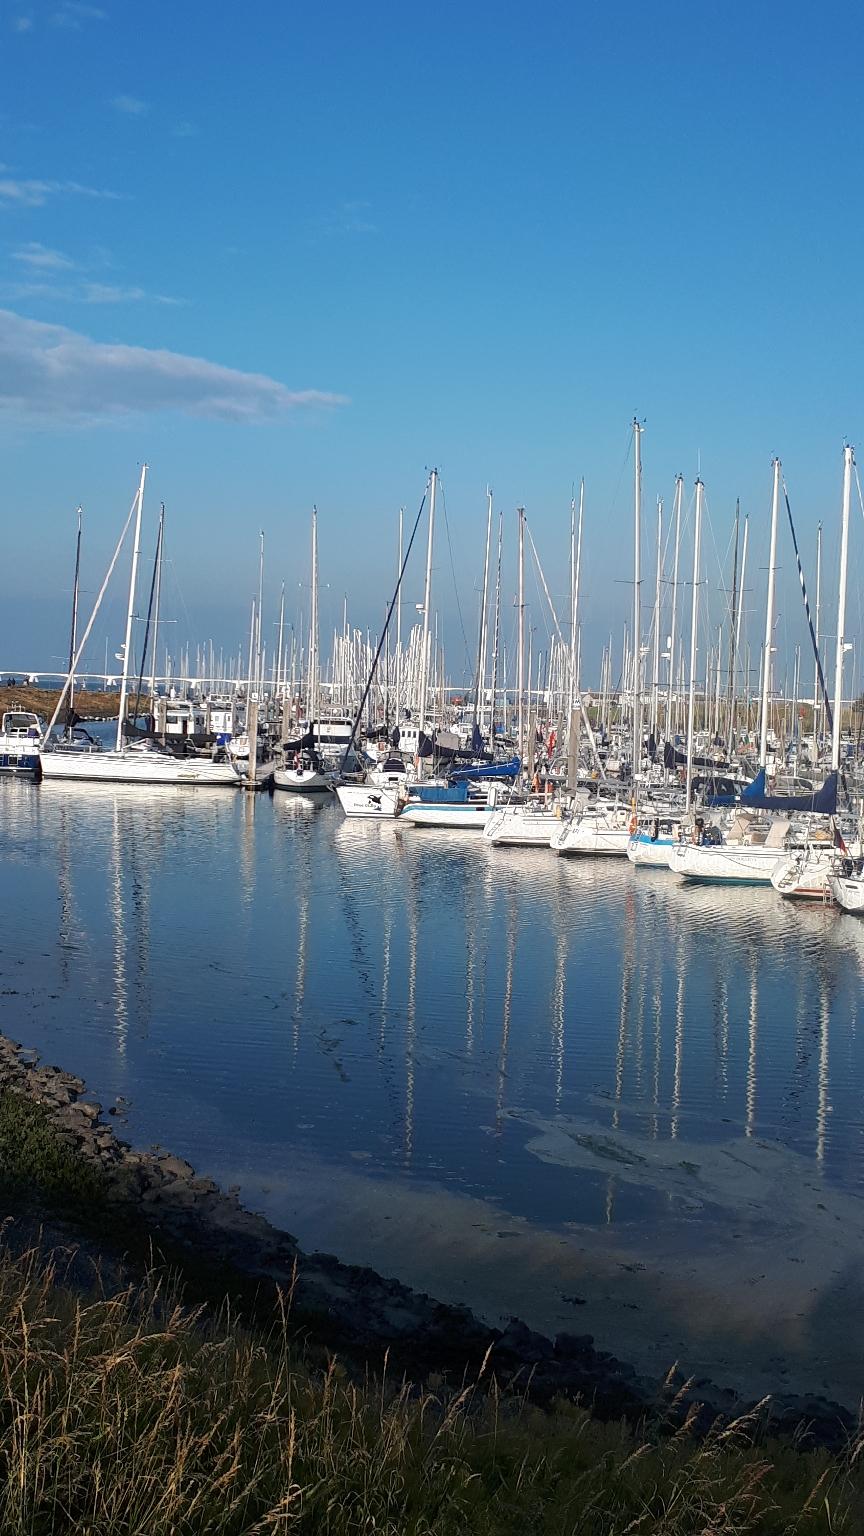 Colijnsplaat, der Starthafen